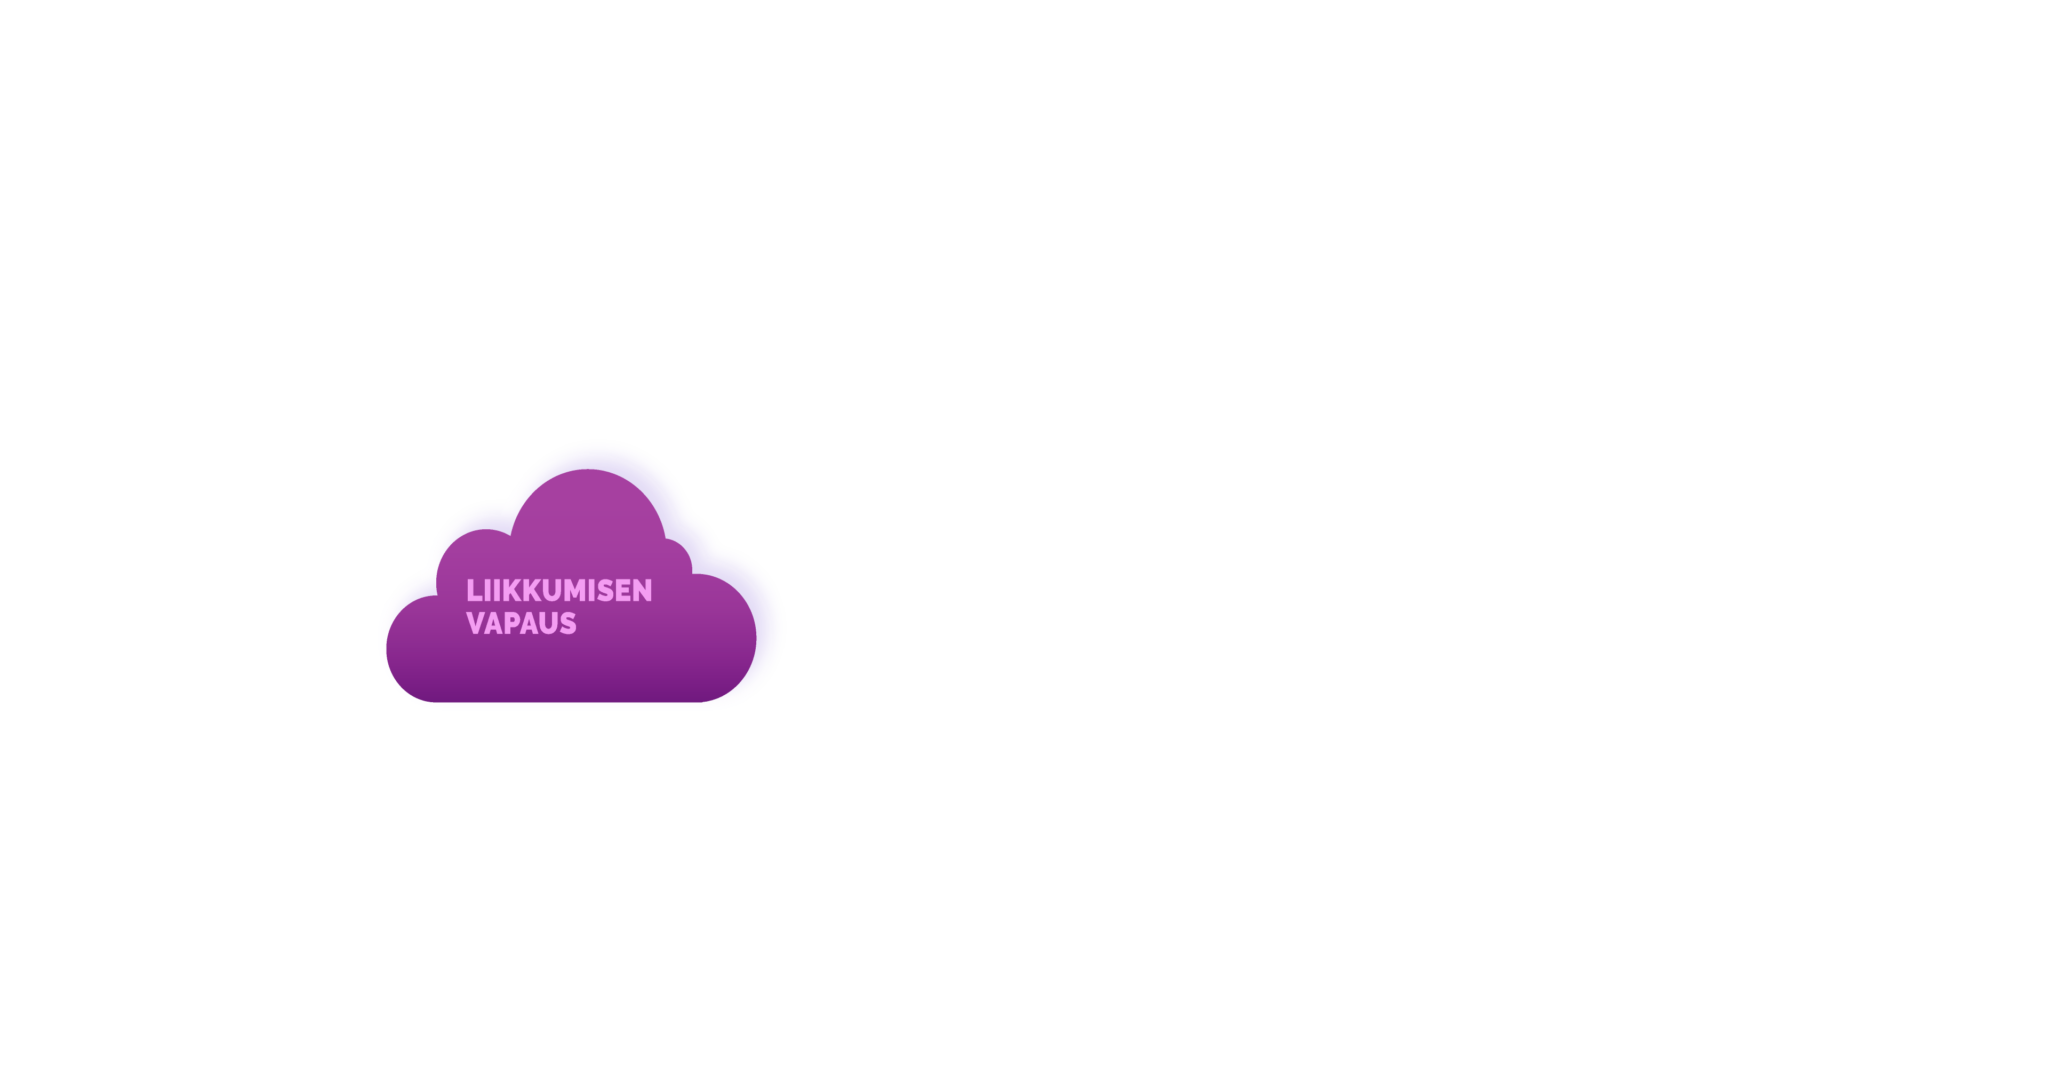 pilvi02-iso